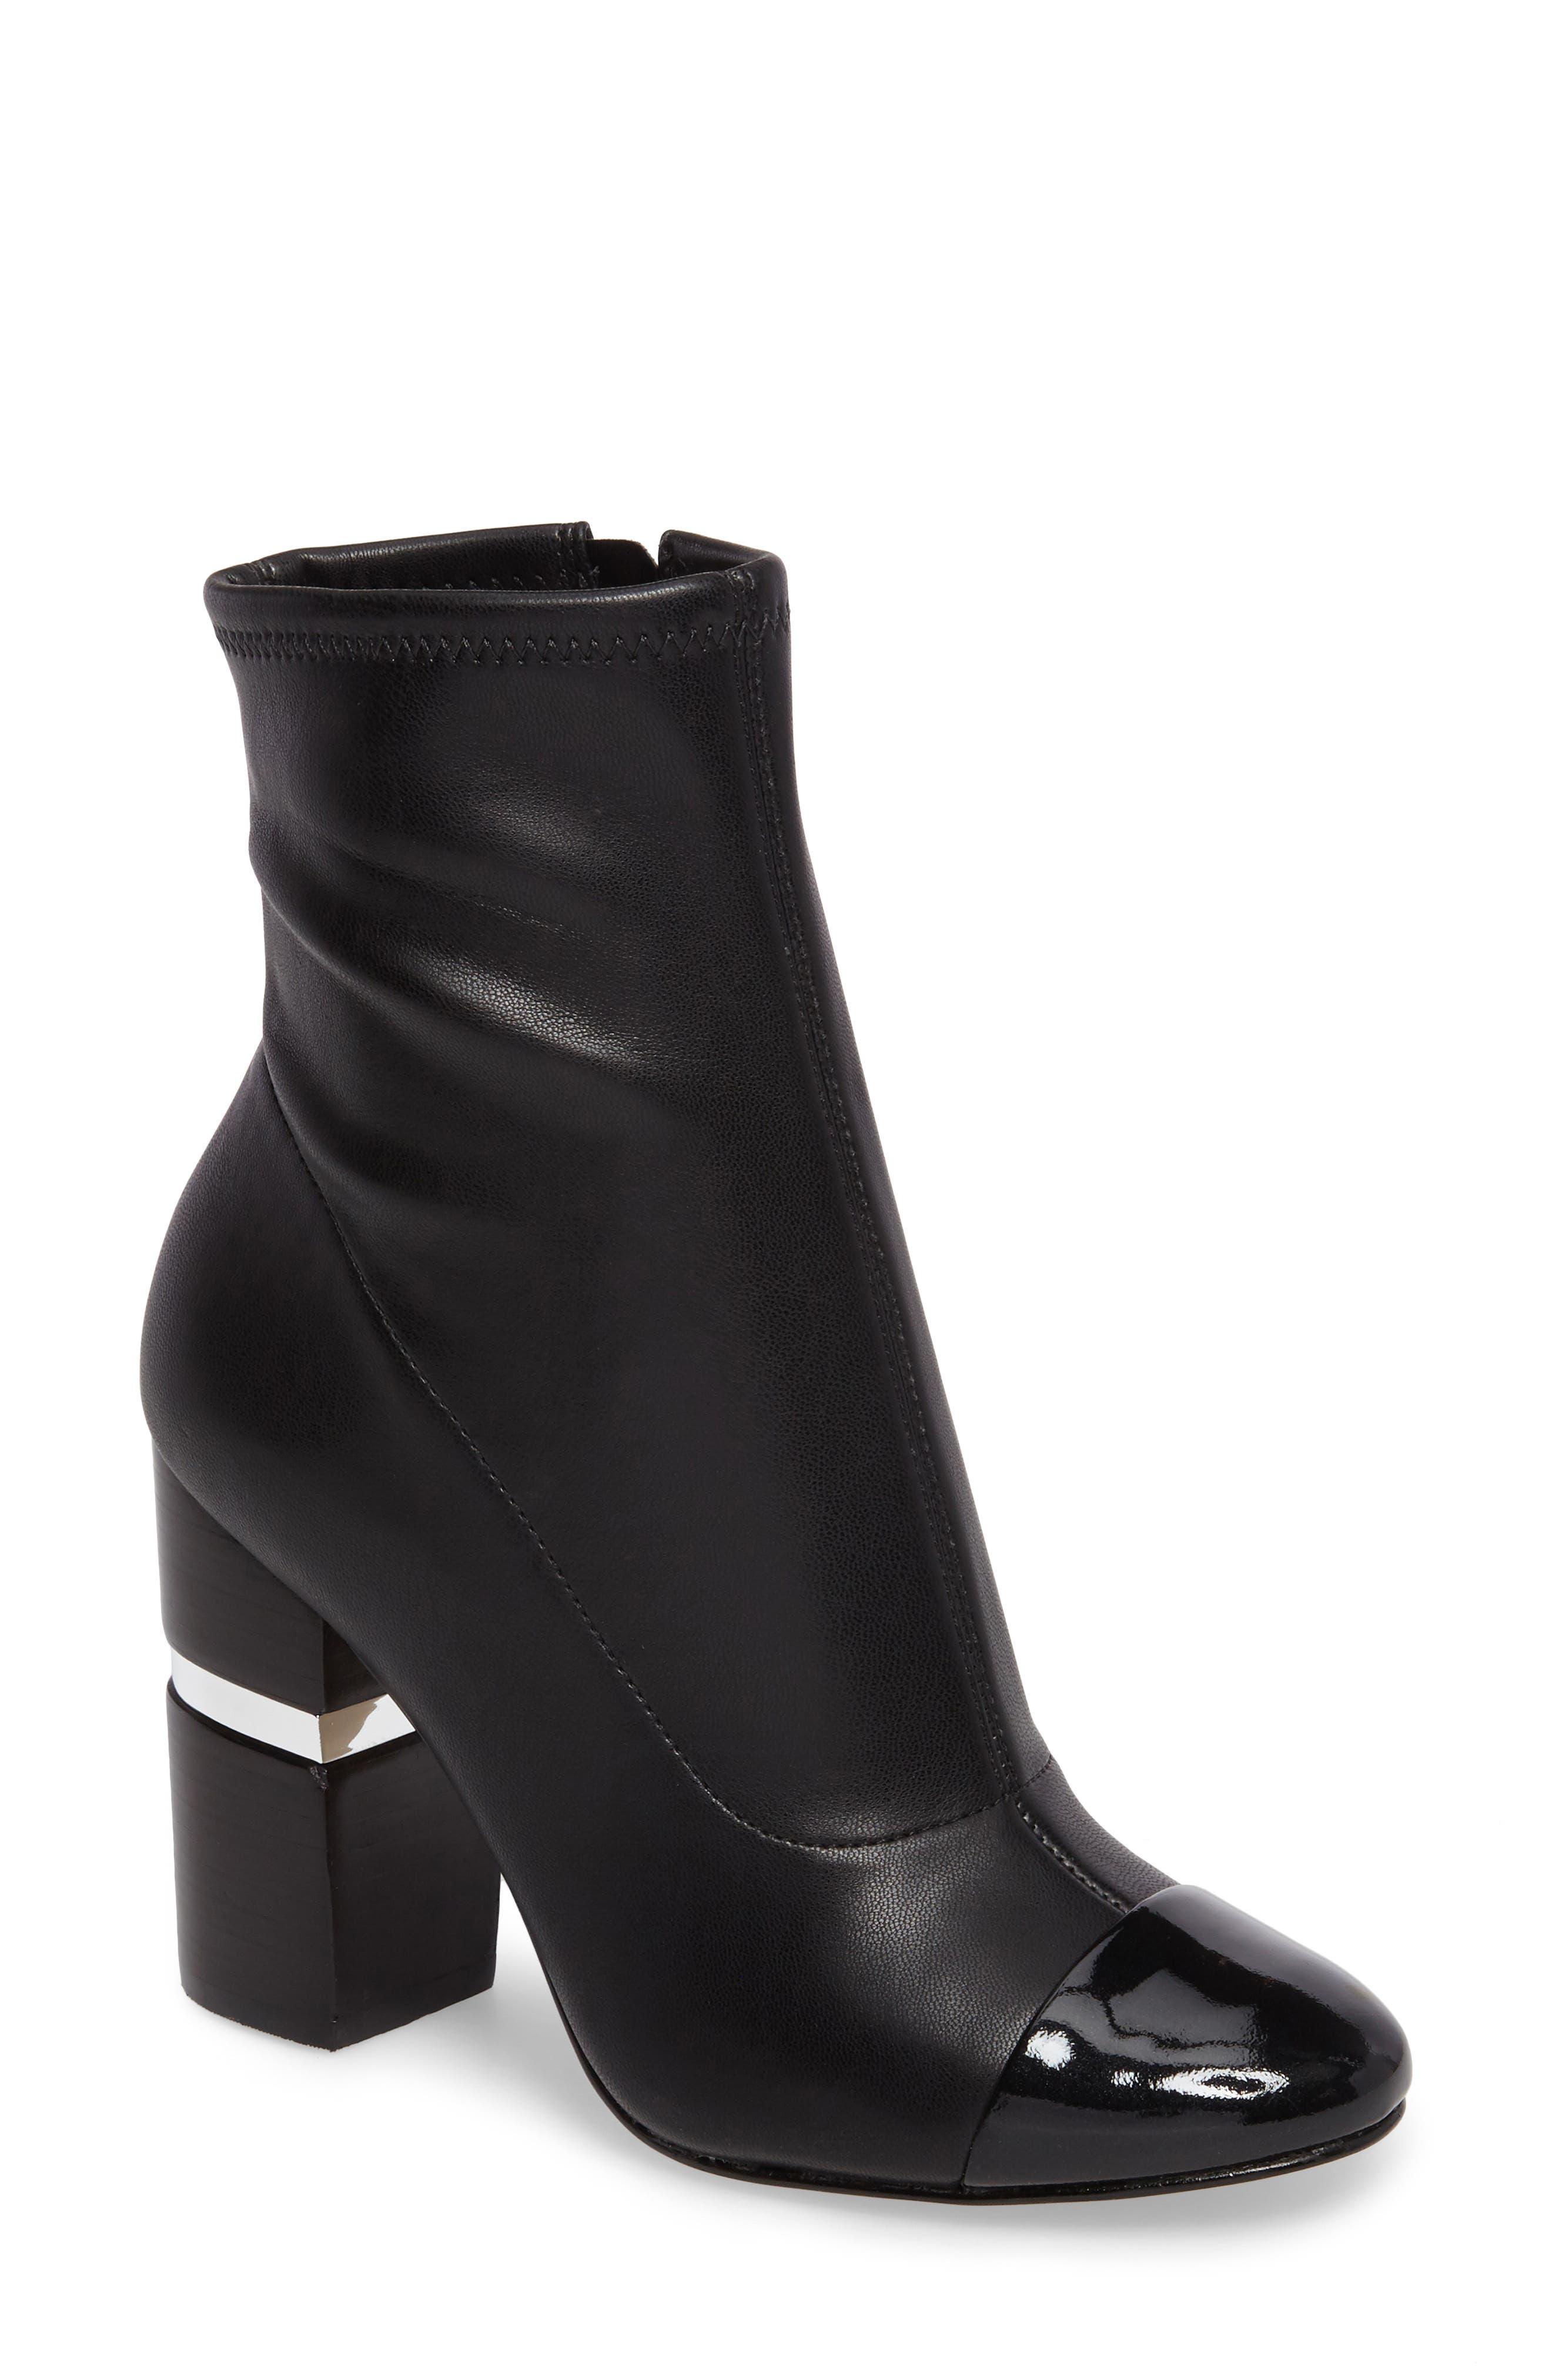 Prisa Cap Toe Bootie,                         Main,                         color, Black Faux Leather